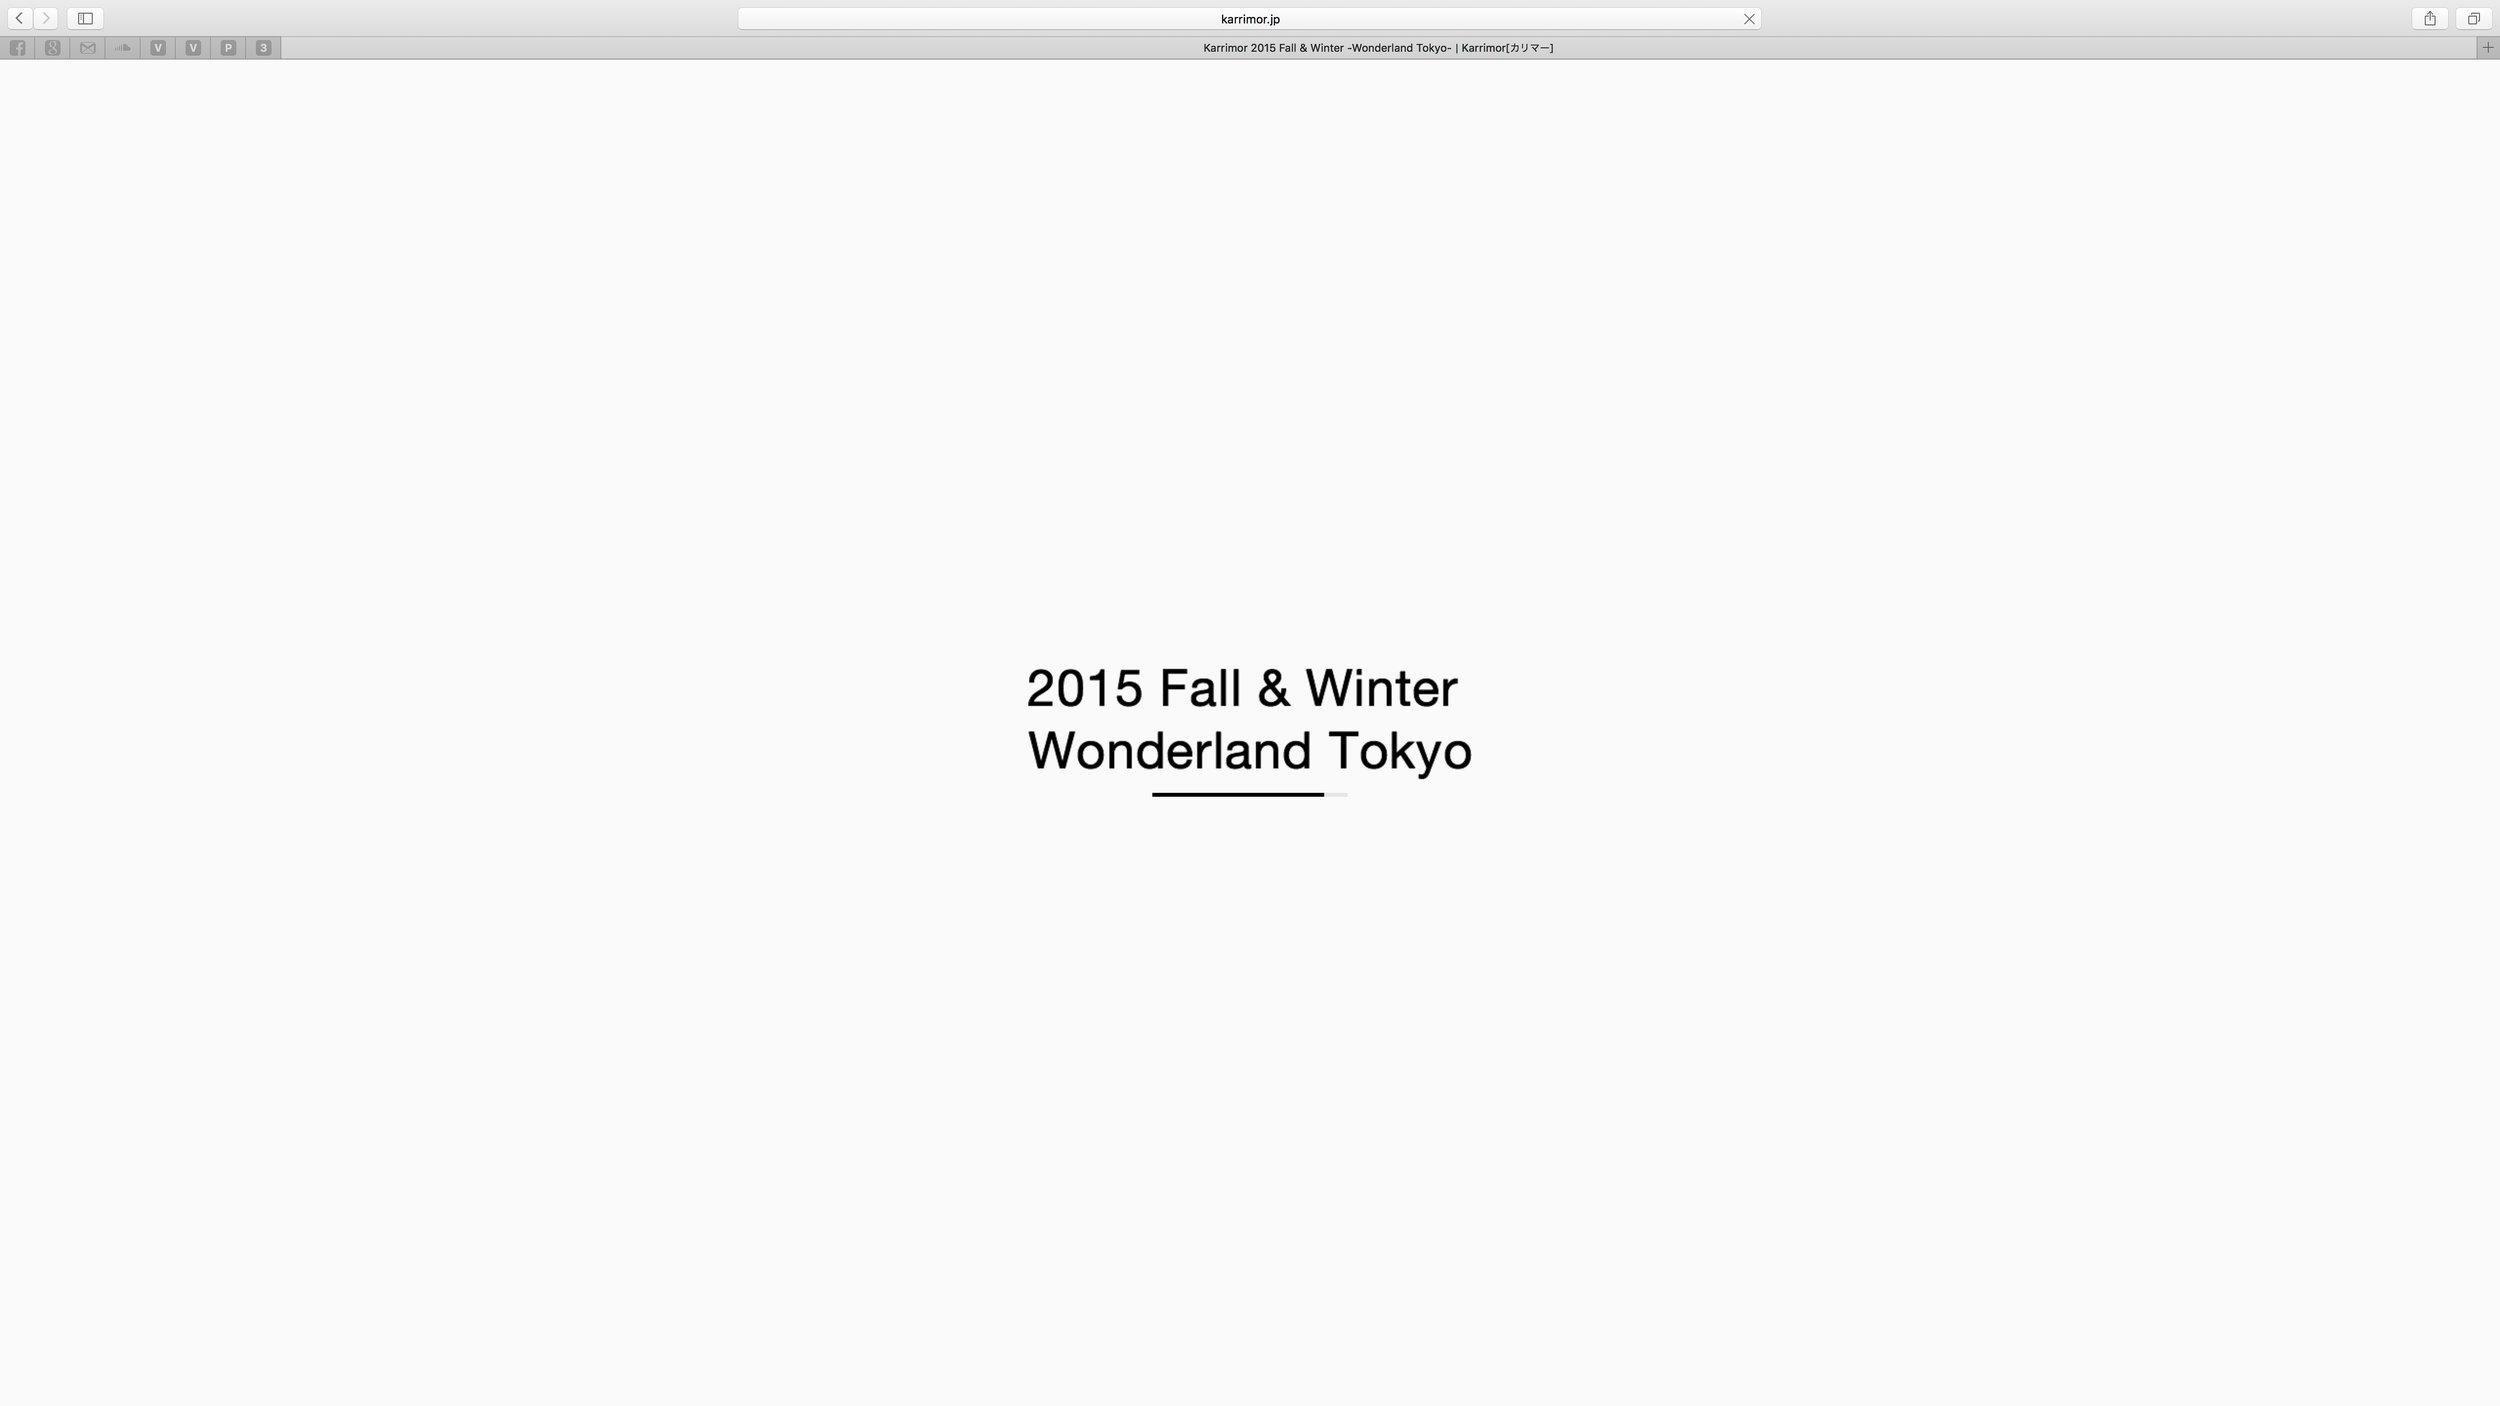 スクリーンショット 2015-12-15 10.01.12.jpg